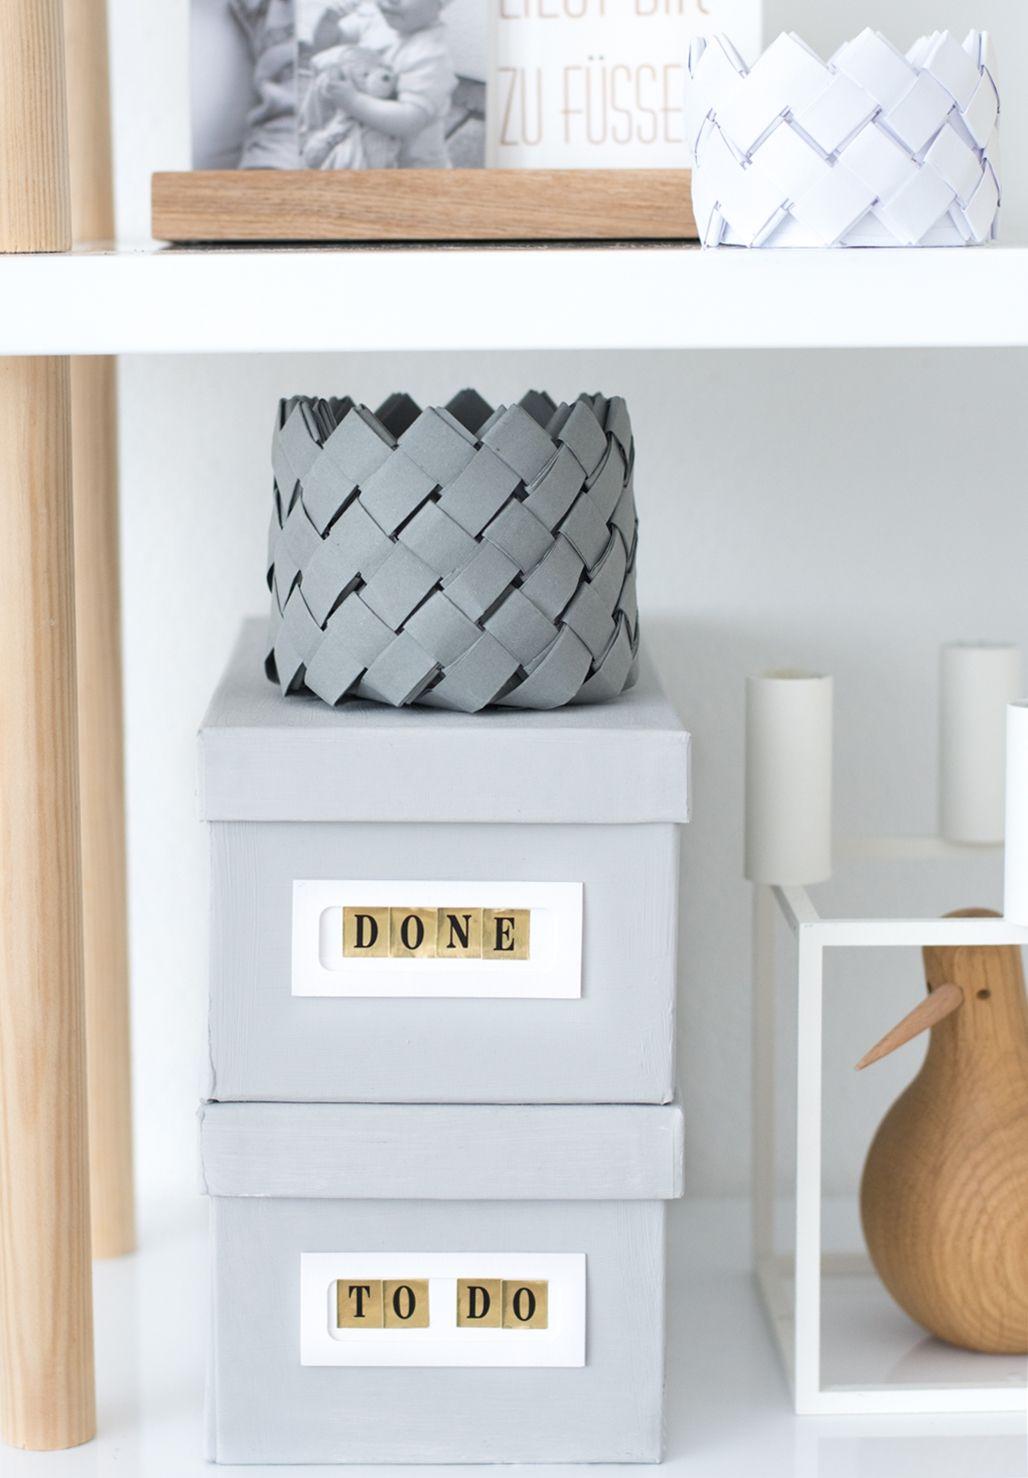 delightful einfache dekoration und mobel papiereimer #2: Deko ideen